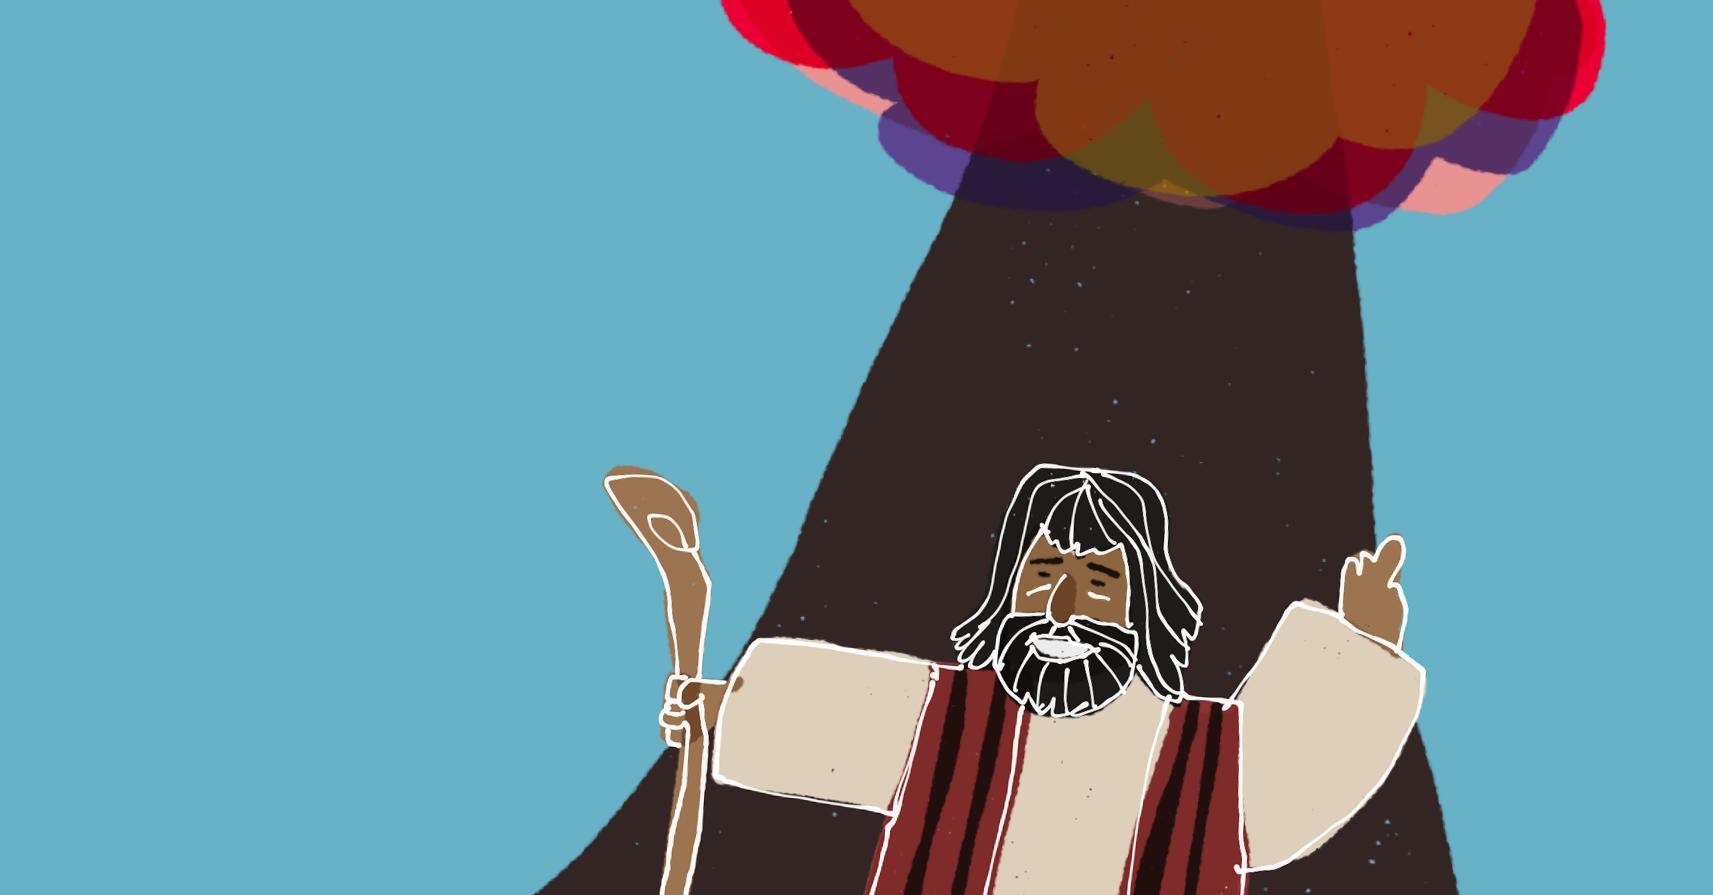 從摩西看僕人的訓練和成長